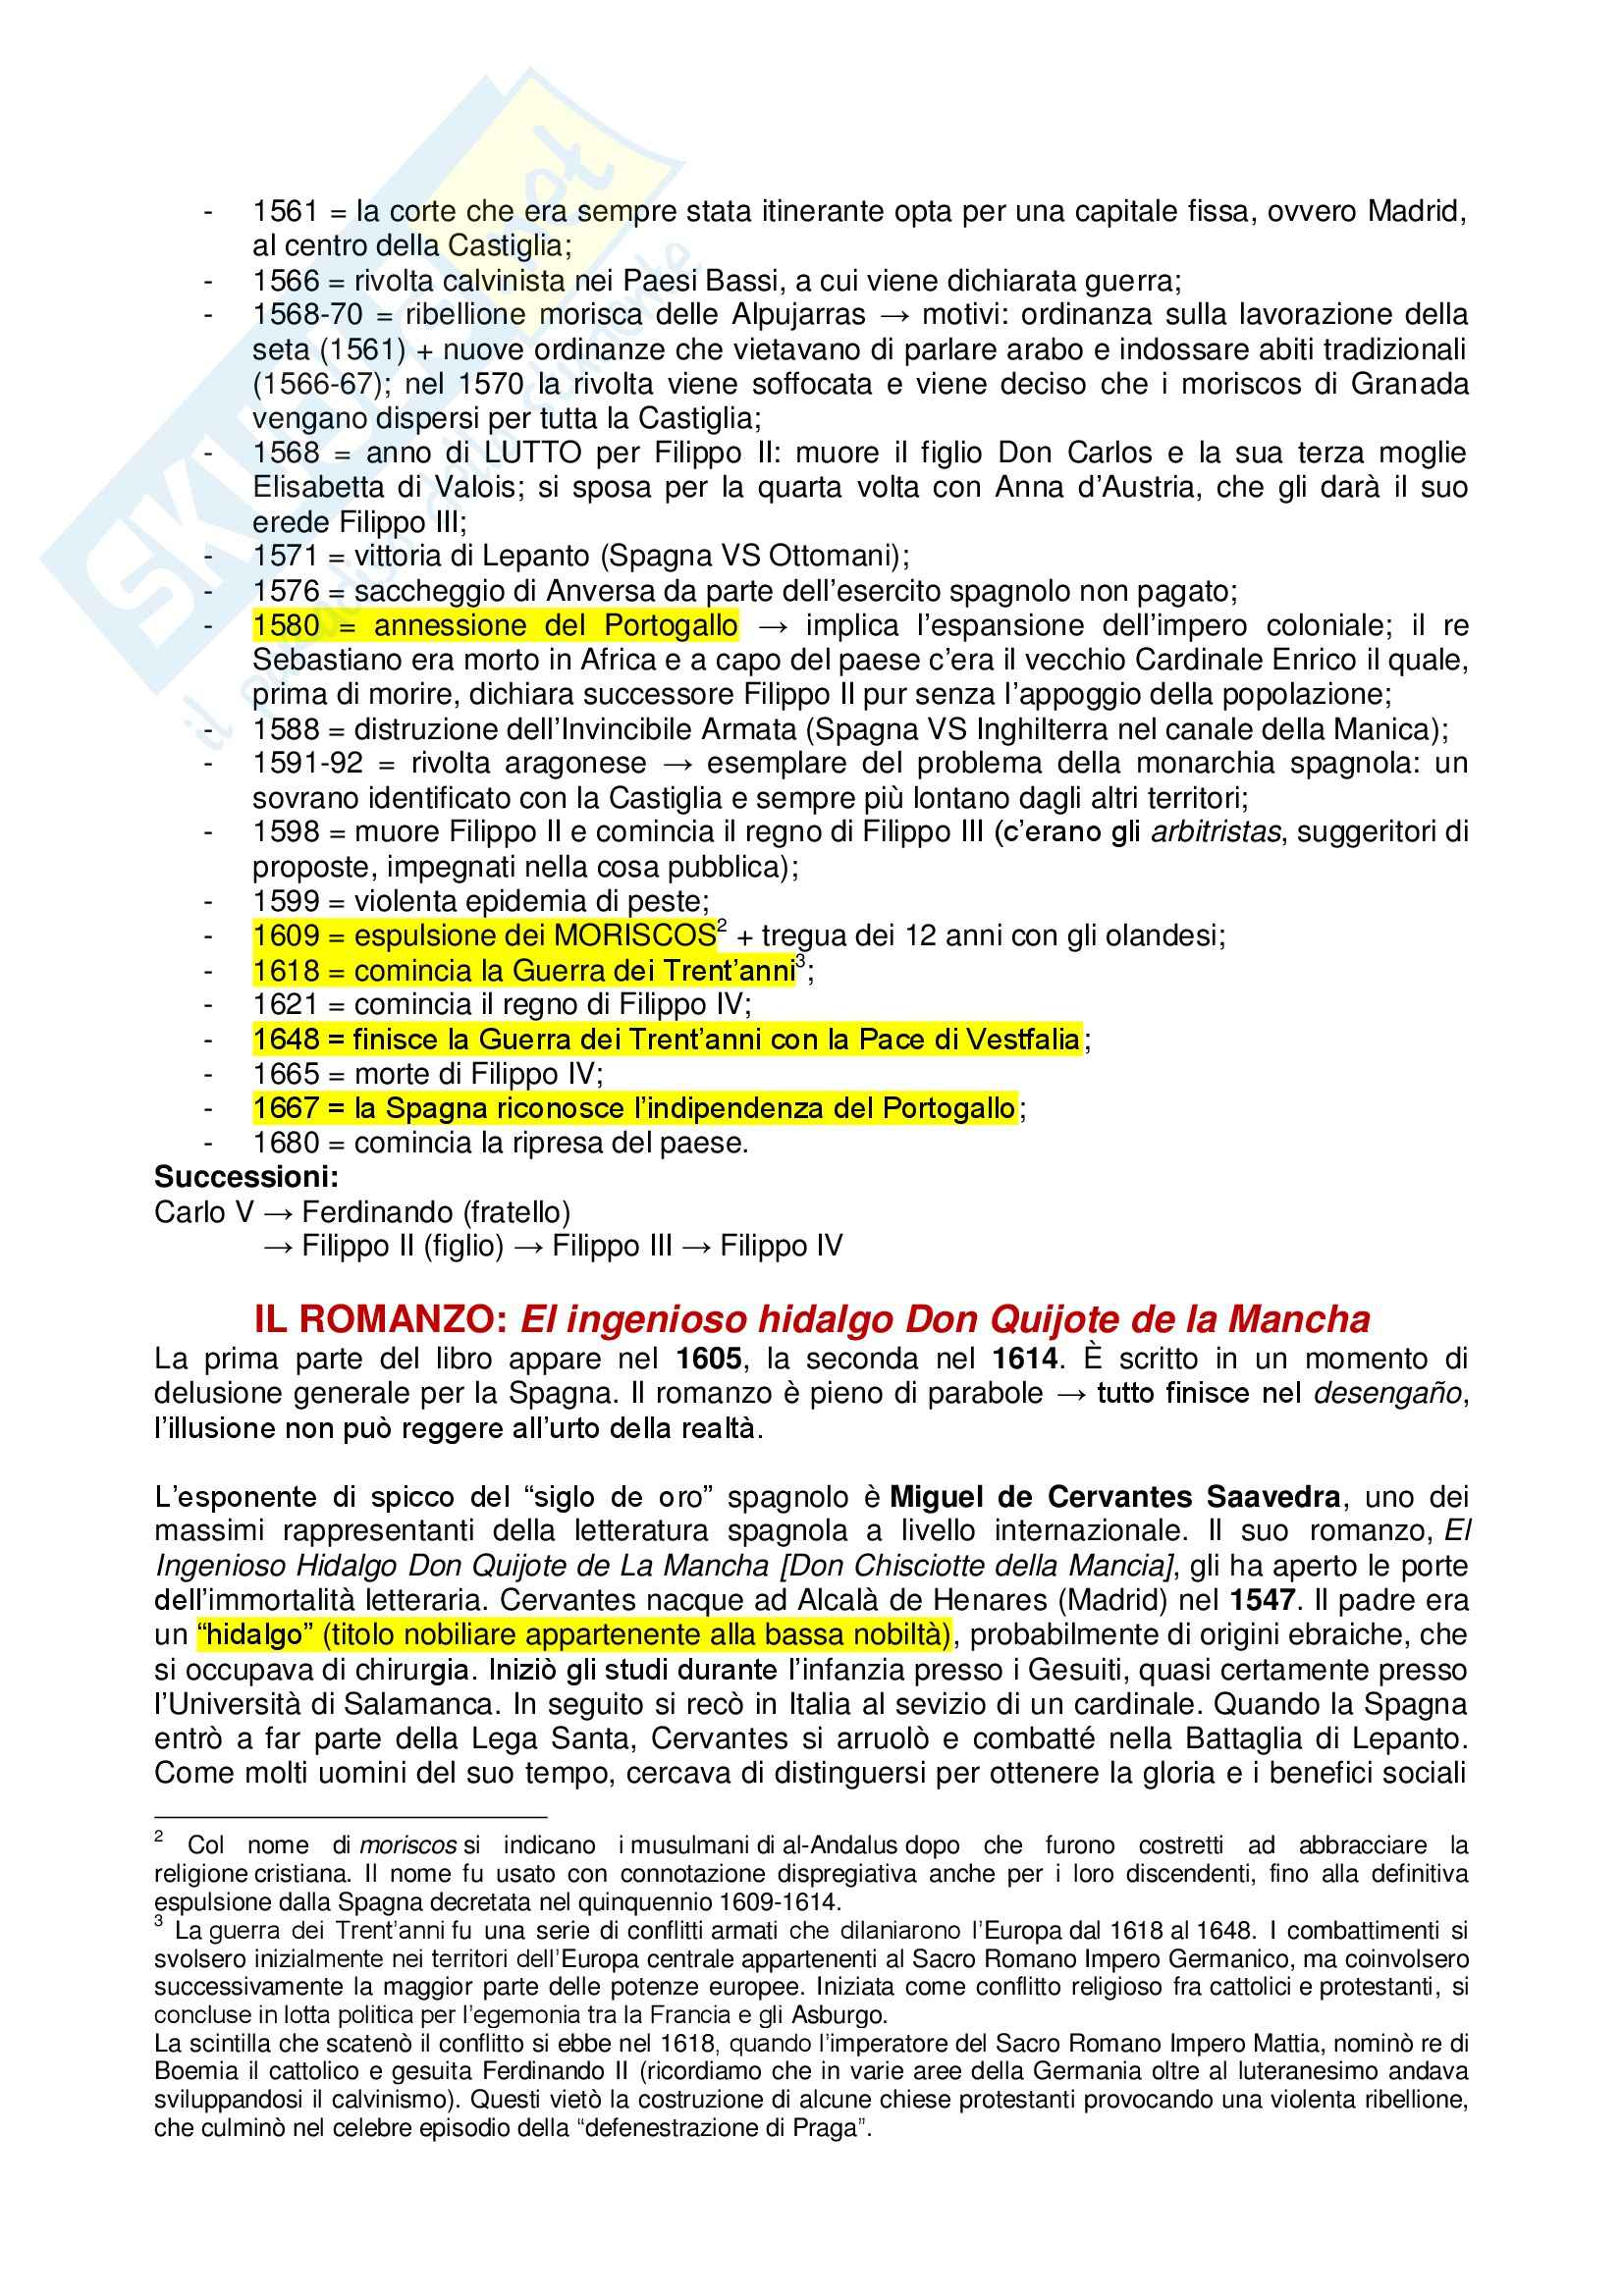 Romanzi: Appunti di Letteratura spagnola Pag. 2